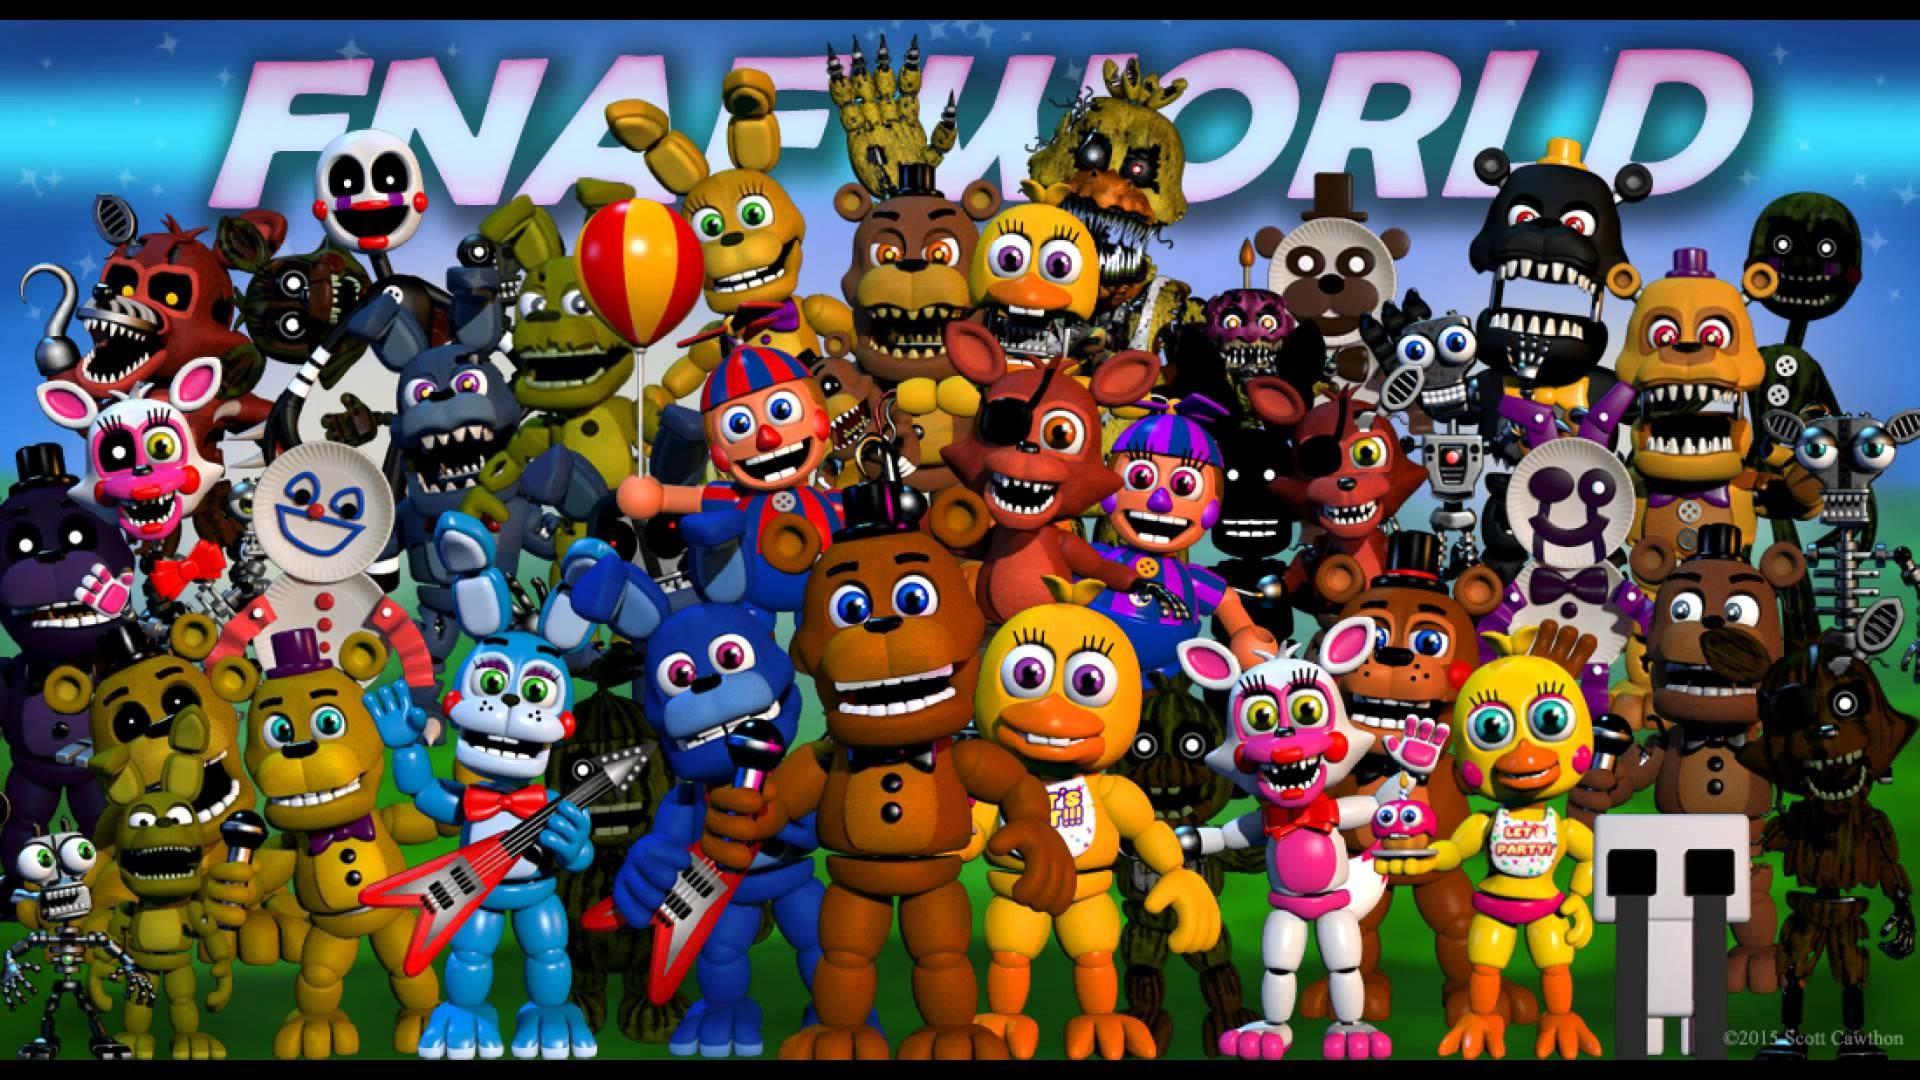 fnaf world 2 download full version